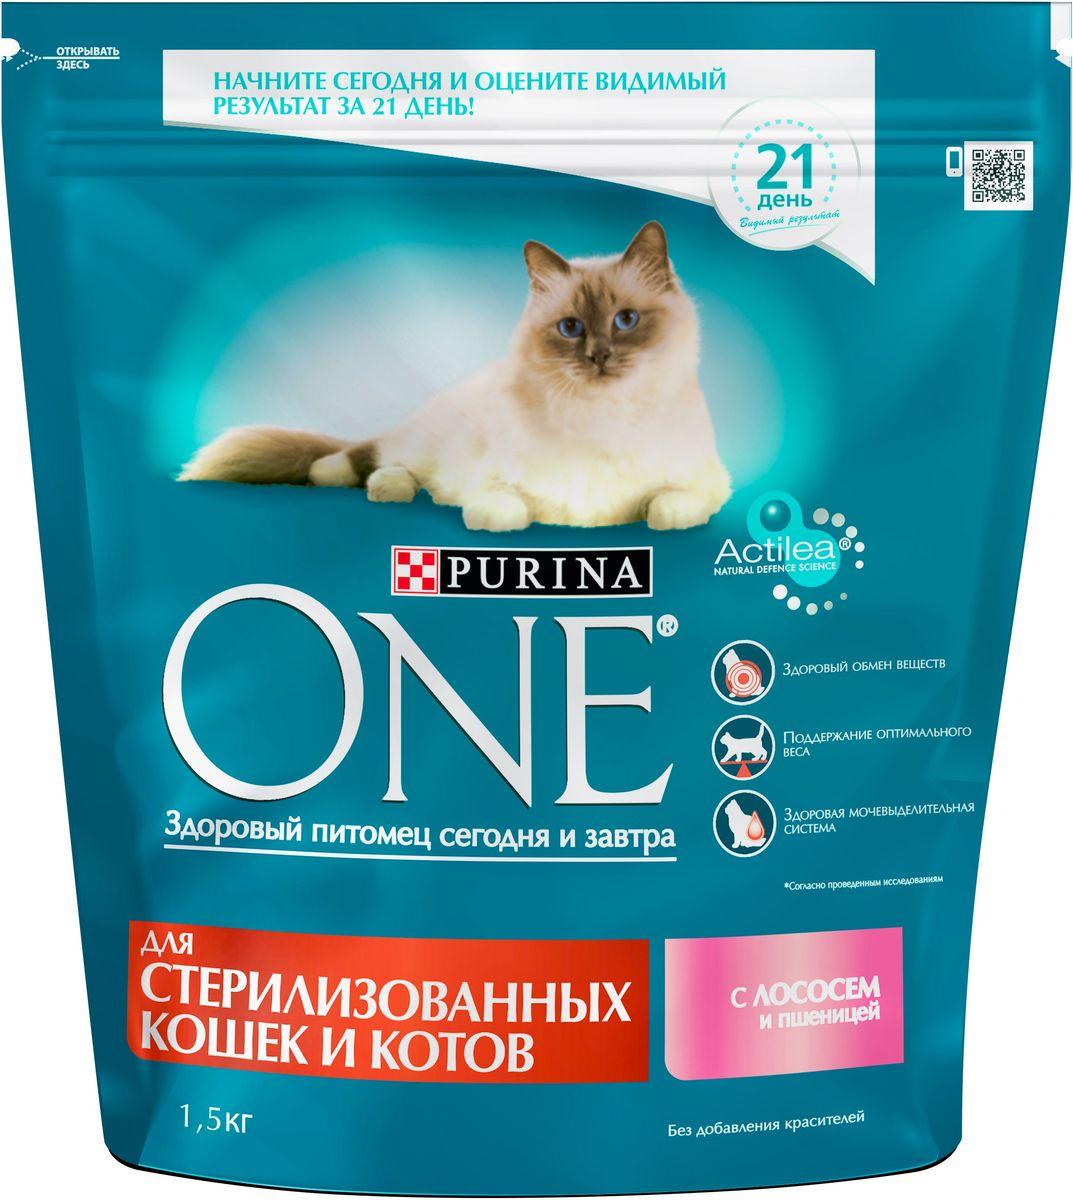 Корм сухой Purina One Sterilized для стерилизованных кошек и котов, с лососем и пшеницей, 1,5 кг0120710Состав корма Purina ONE® был специально подобран ветеринарами таким образом, чтобы поддерживать здоровый обмен веществ у кошек и котов, прошедших процедуру стерилизации или кастрации. Дело в том, что им требуется меньше калорий для поддержания нормальной жизнедеятельности и активности, чем собратьям с сохраненной половой функцией. И сухой корм для стерилизованных кошек и кастрированных котов Purina ONE® с лососем и пшеницей обеспечивает питомцам необходимый уровень насыщения за счет более высокого (на 15% больше) содержания белка по отношению к жиру, чем в других кормах линейки. Благодаря этому удается избежать набора лишнего веса и риска ожирения у питомцев.МЕ/кг: витамин А: 36 960; витамин D3:1 120; витамин E: 770. Мг/кг: витамин С: 160, таурин: 780; железо: 253; йод: 3,2; медь: 50; марганец: 105; цинк: 428, селен: 0,29. Белок 37,0%, жир 13,0%, сырая зола 7,5%, сырая клетчатка 4,0%.